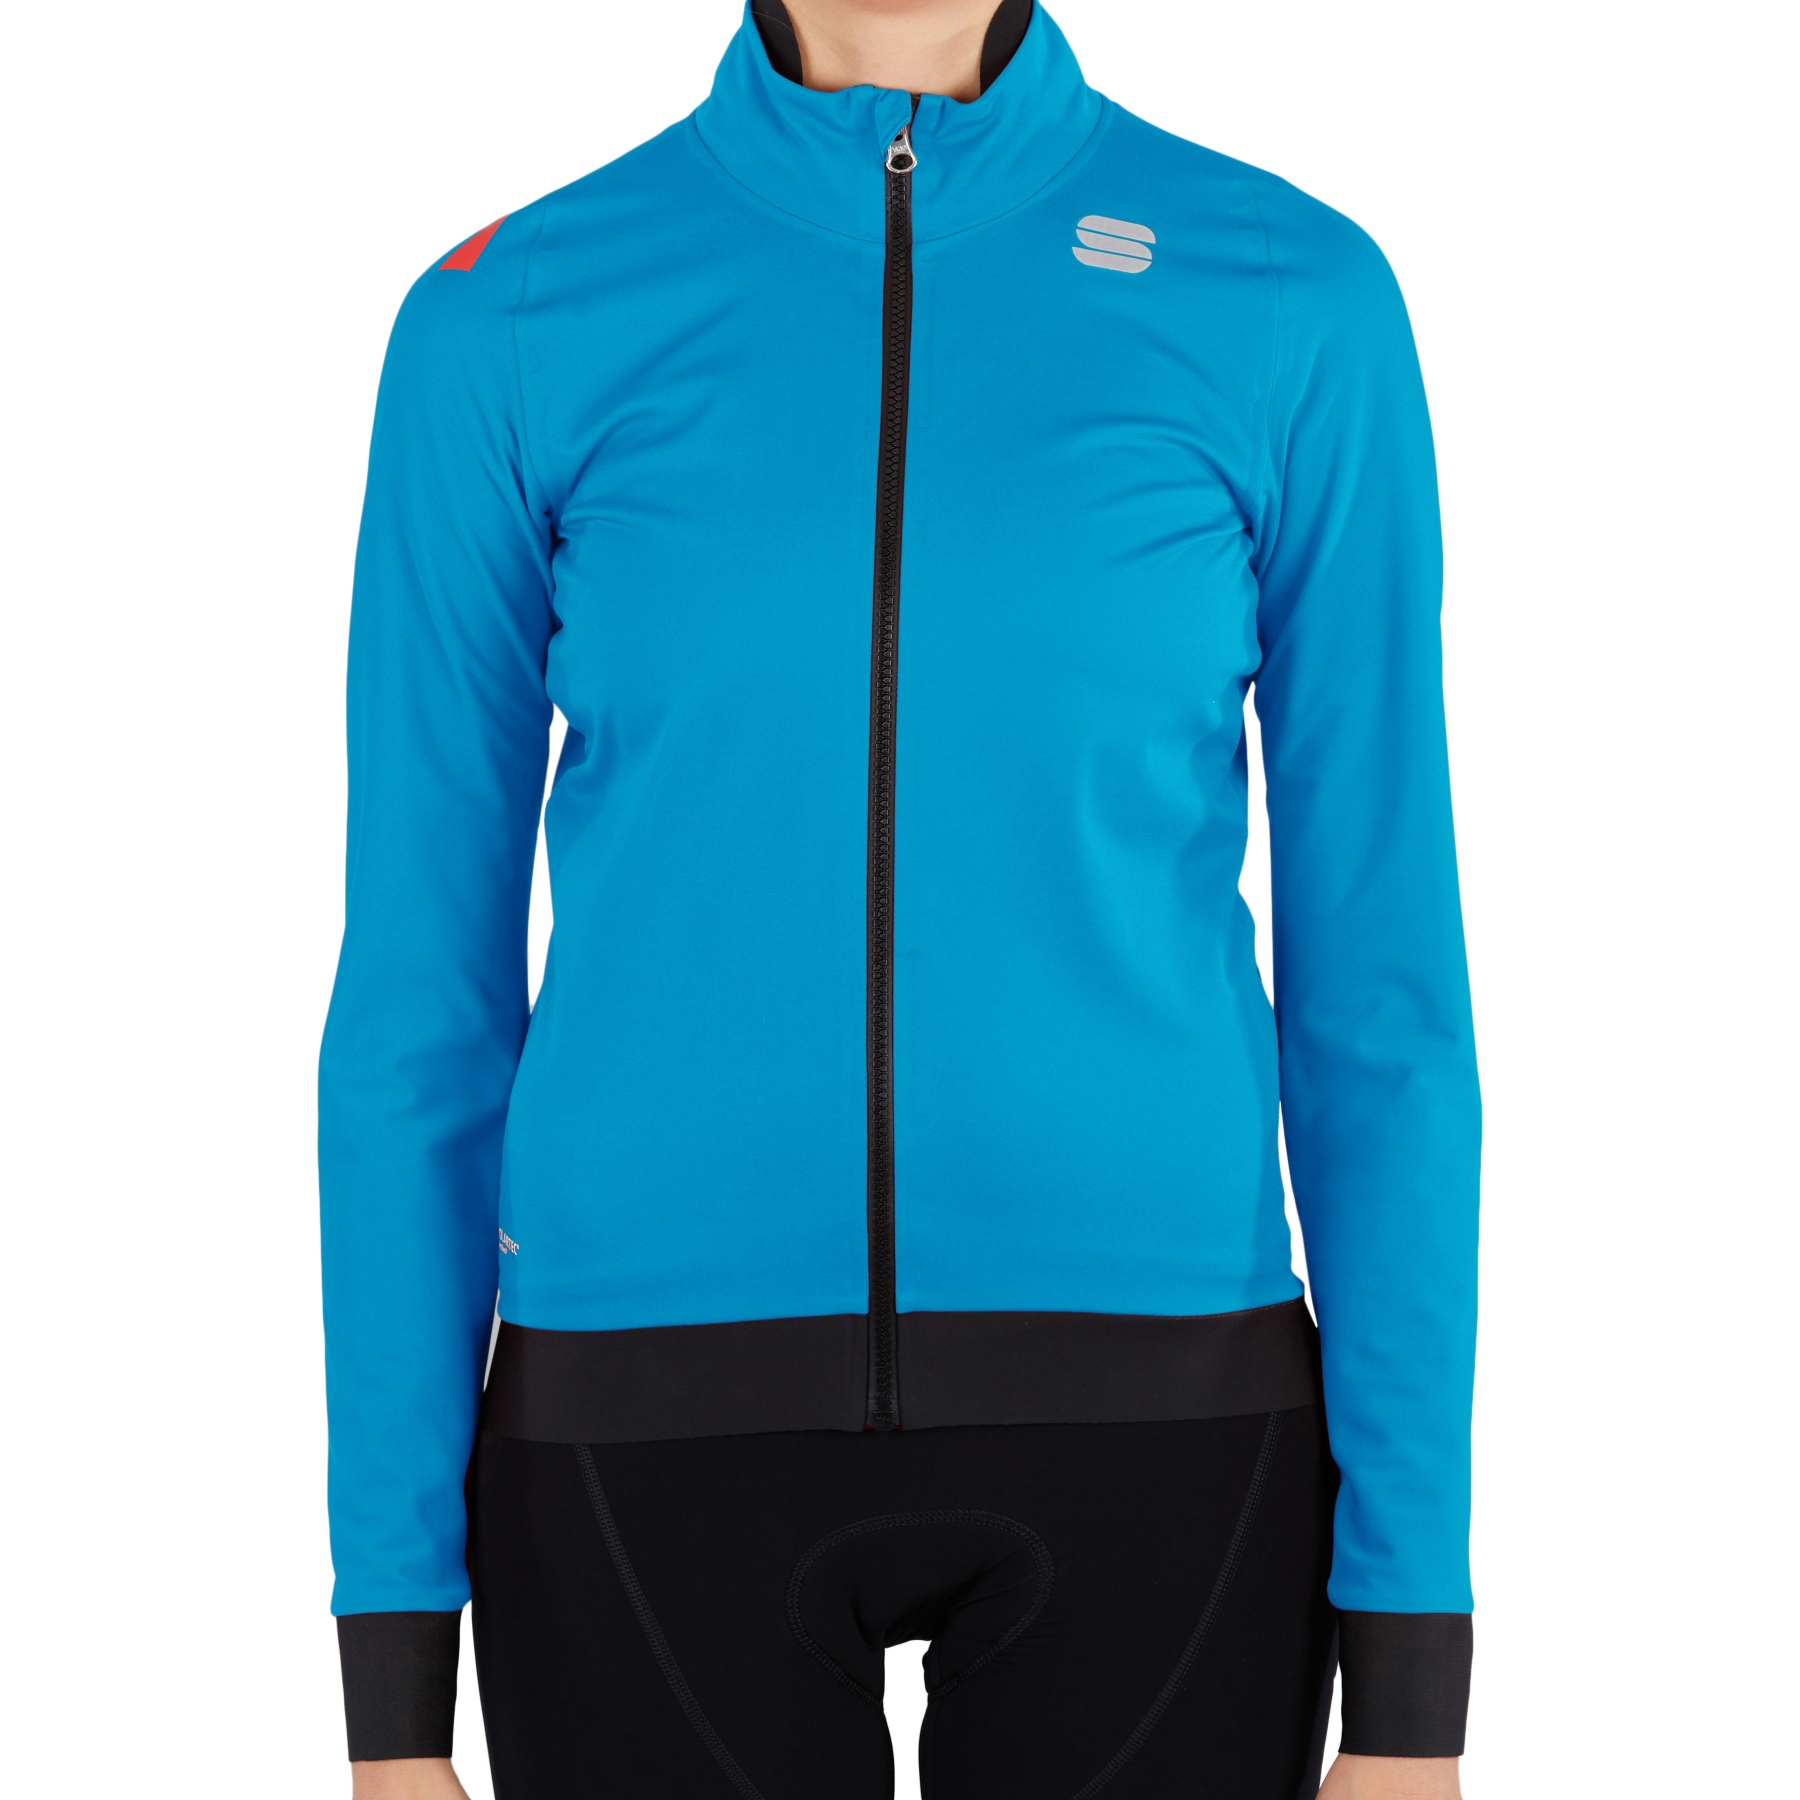 Sportful Fiandre Pro Women's Jacket - 398 Blue Atomic